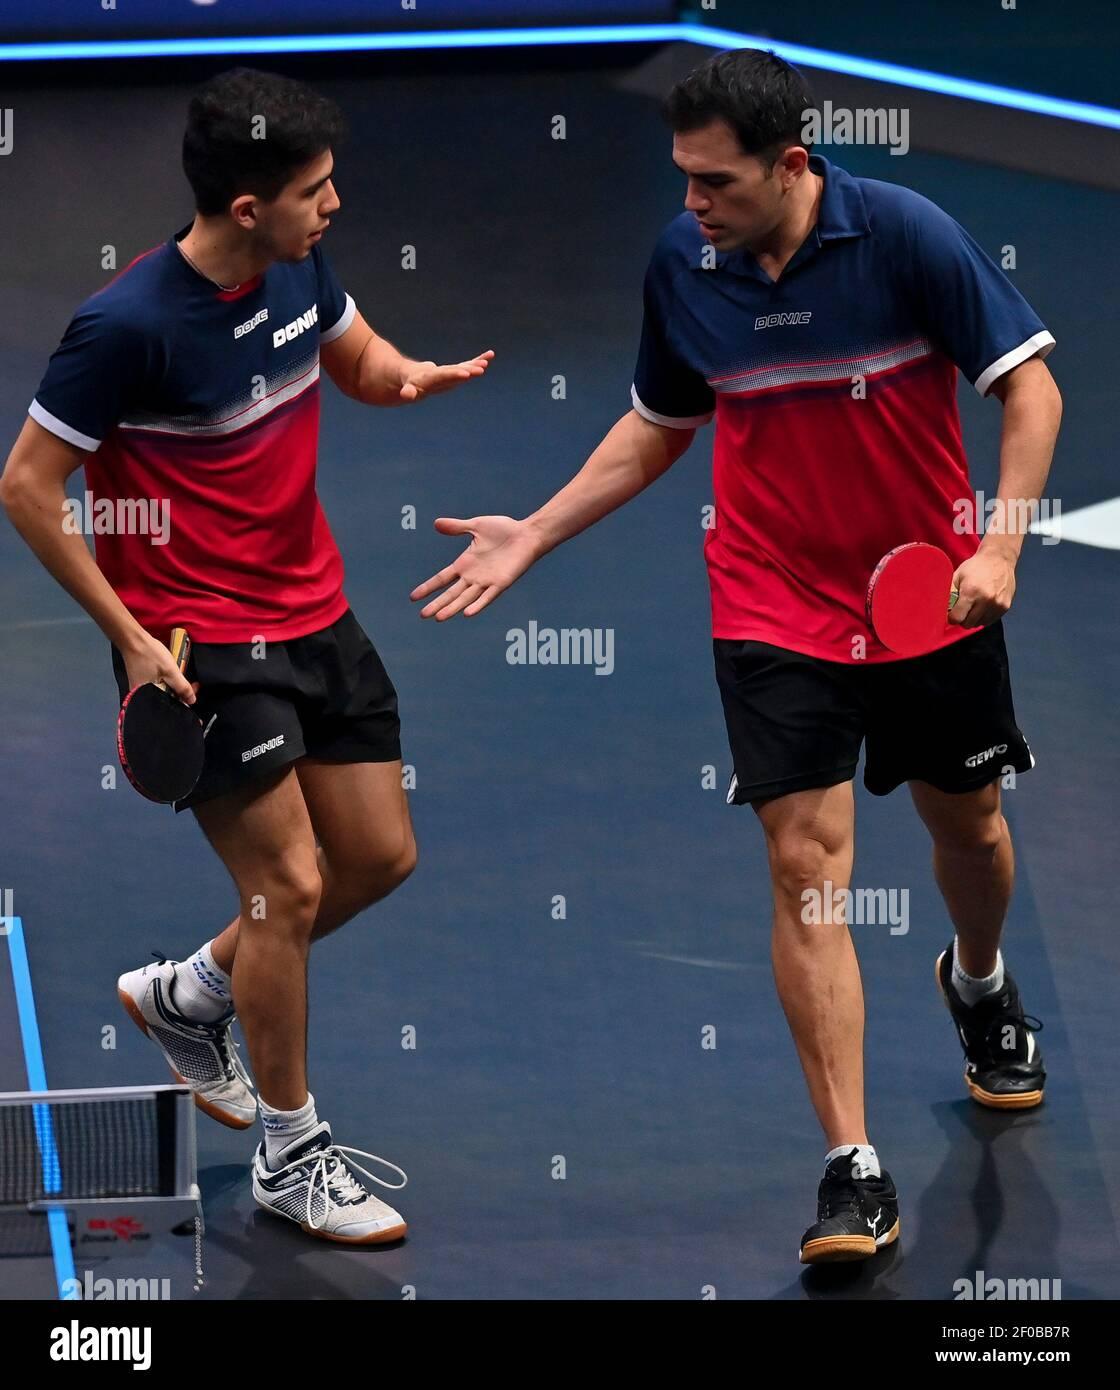 Doha. 6th de marzo de 2021. Gaston Alto (R) y Horacio Cifuentes de Argentina reaccionan durante la final de dobles de hombres contra Cho Daeseong y Lee Sangsu de Corea del Sur en el WTT Contender Doha en Doha, Qatar el 6 de marzo de 2021. Cho Daeseong y Lee Sangsu ganaron 3-2 para reclamar el título. Crédito: Nikku/Xinhua/Alamy Live News Foto de stock